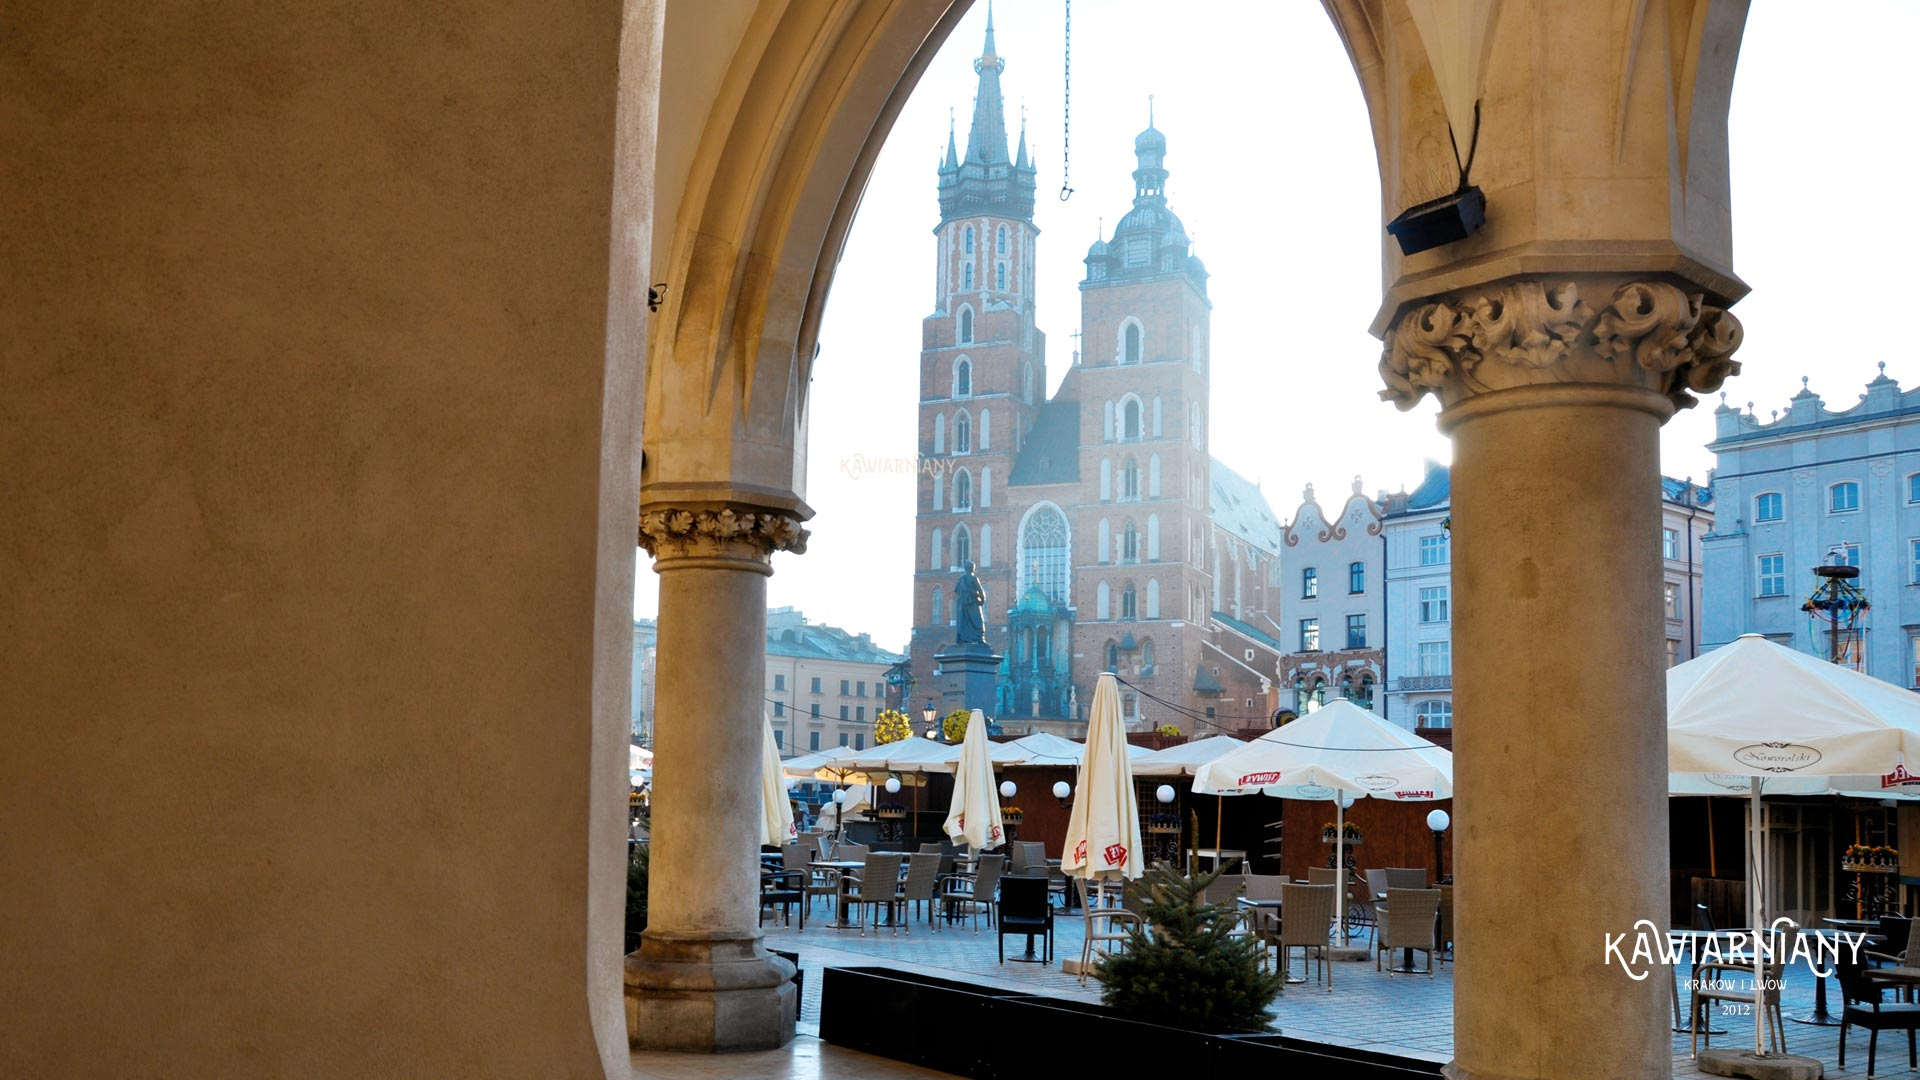 Otwarte restauracje Kraków. Gdzie normalnie czynne?